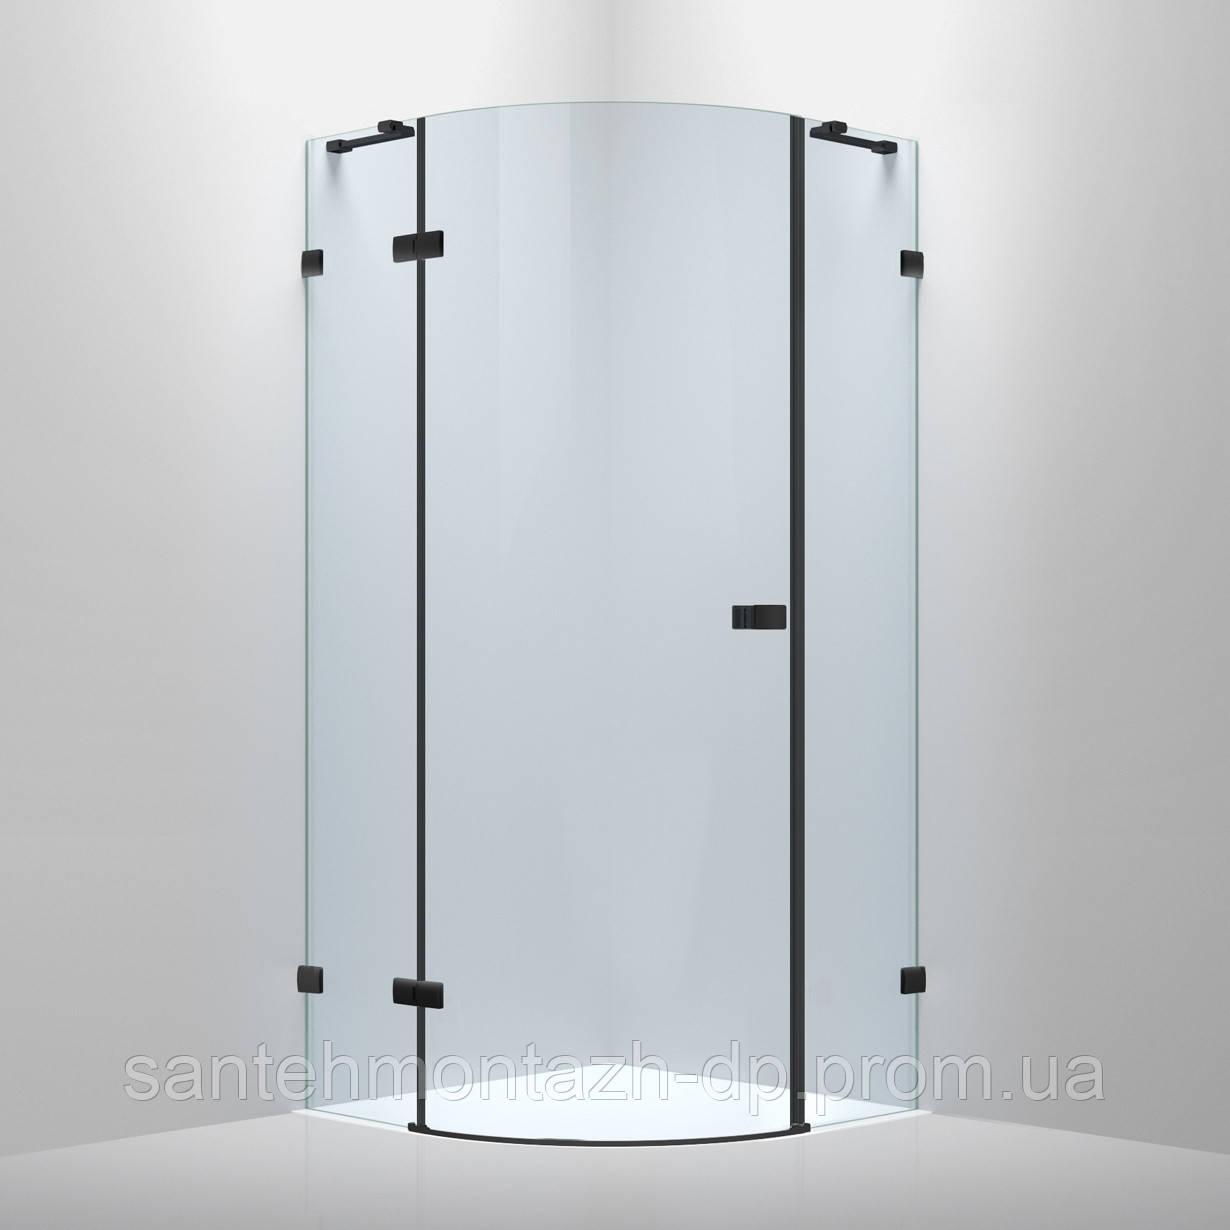 De la Noche Душевая кабина угловая 900*900*2000мм (стекла+двери), левая, распашная, стекло прозрачное 8мм с Nano покрытием